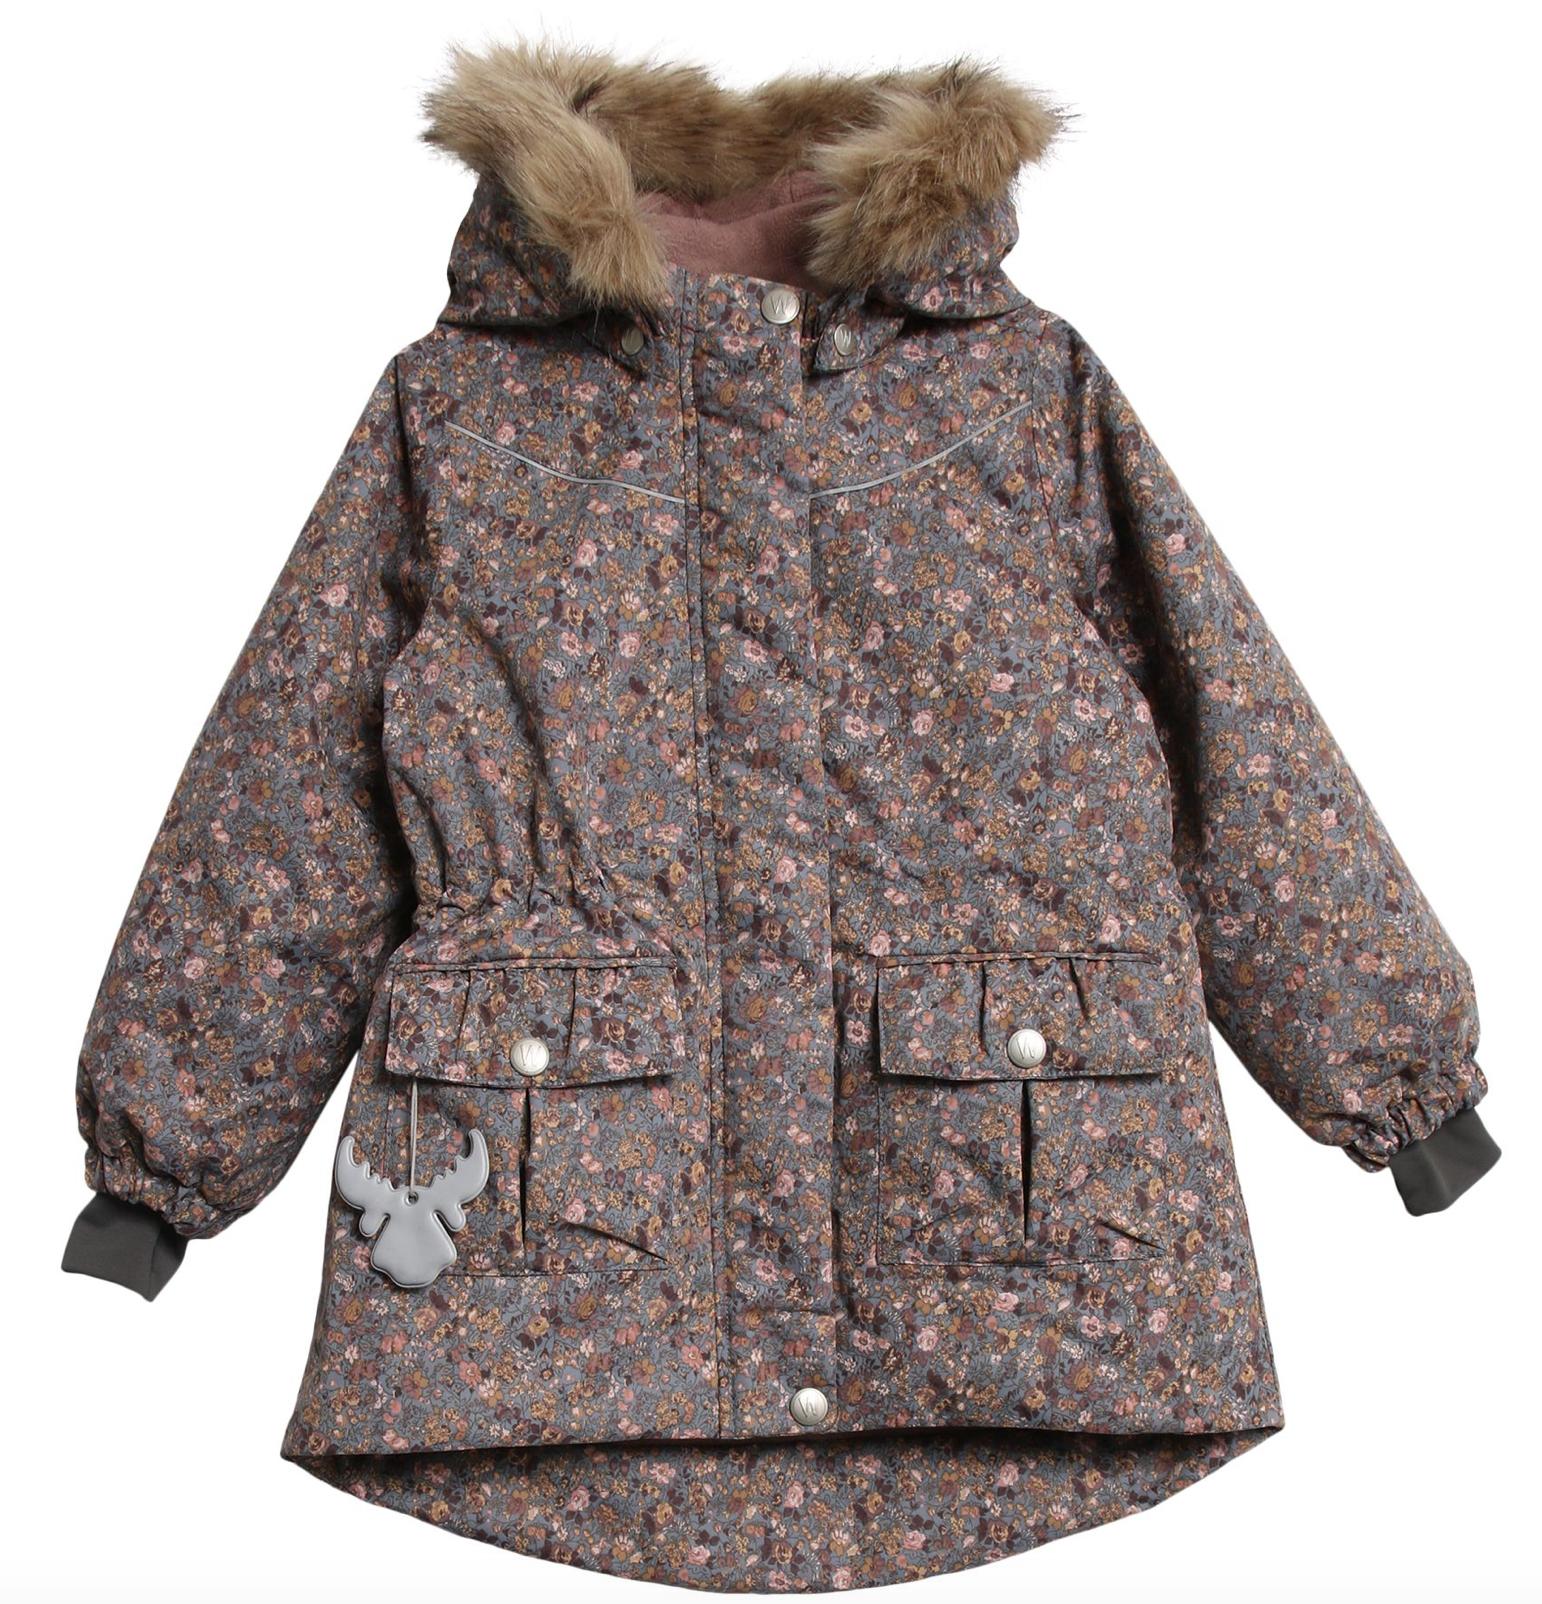 Kjøp Gra jakke Jakker til Barn i størrelse 8år128cm på nett